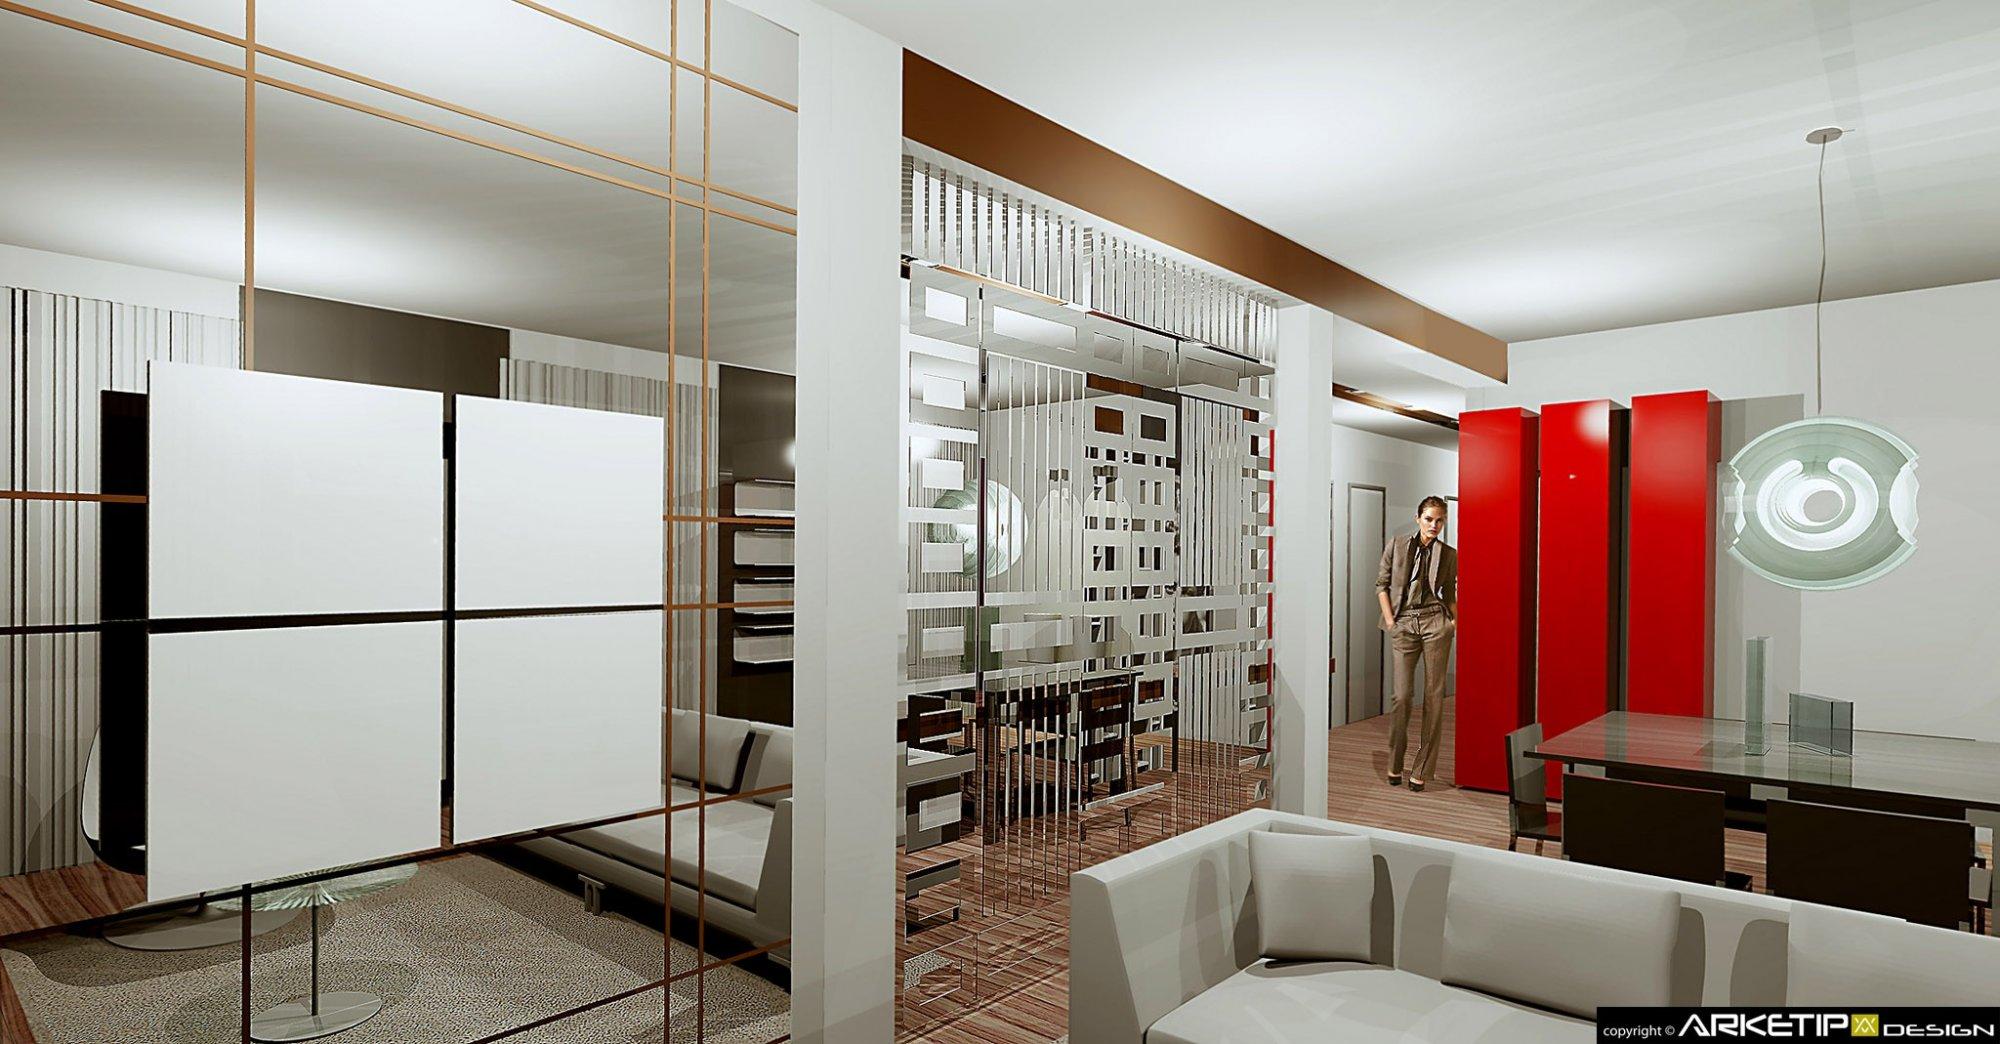 Progettazione arredamento appartamento torino for Torino arredamento